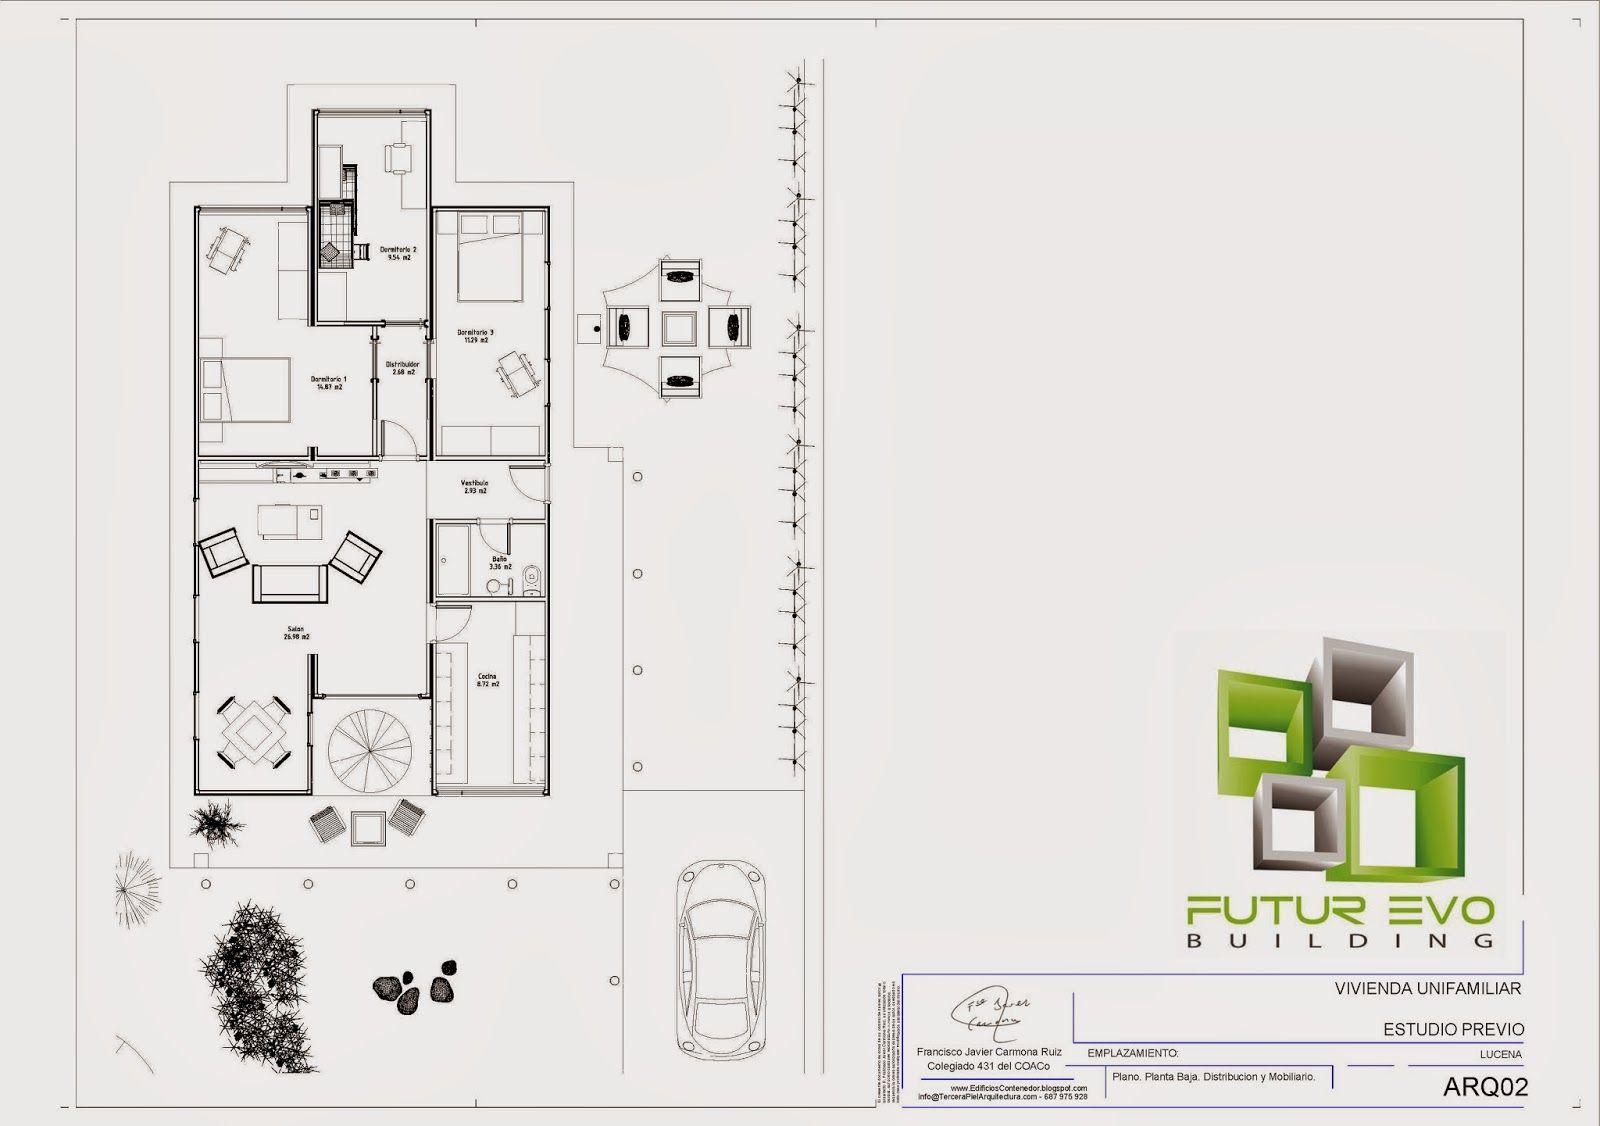 Contenedore medidas buscar con google planos casas - Contenedores para vivienda ...